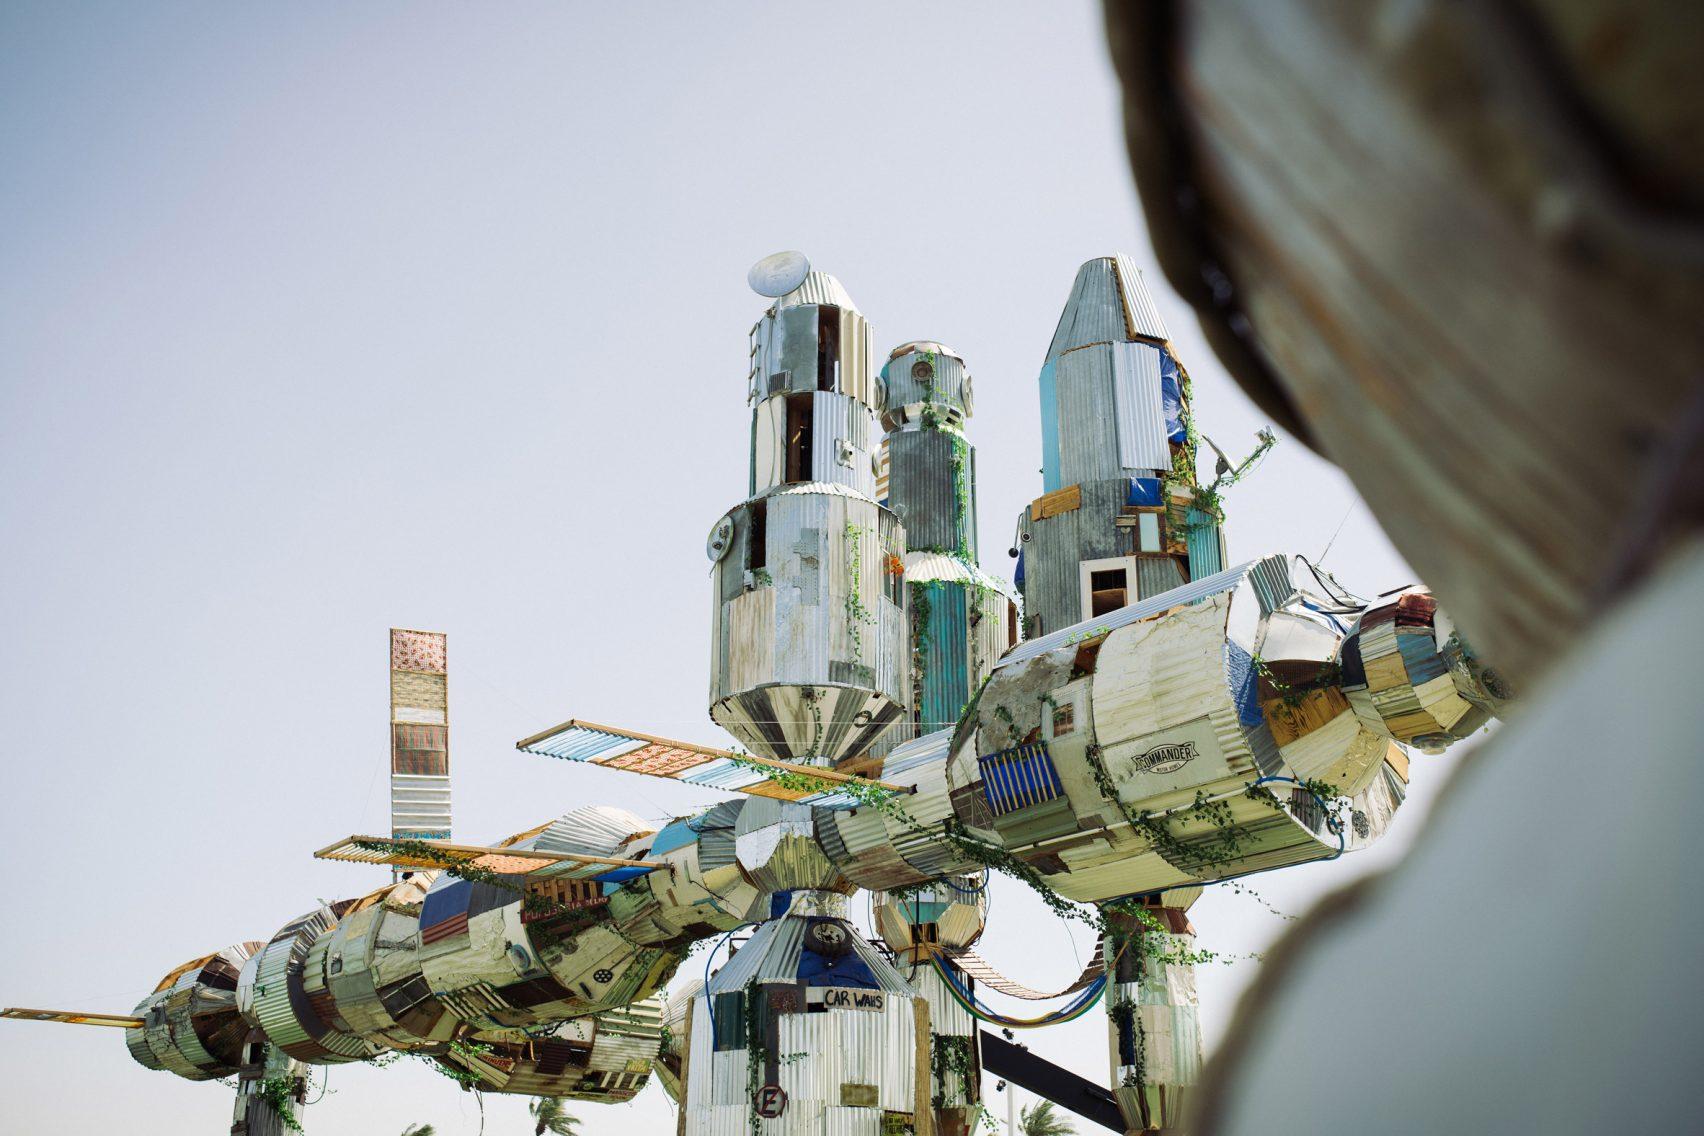 Forma przypominająca statek kosmiczny wykonana ze śmieci.